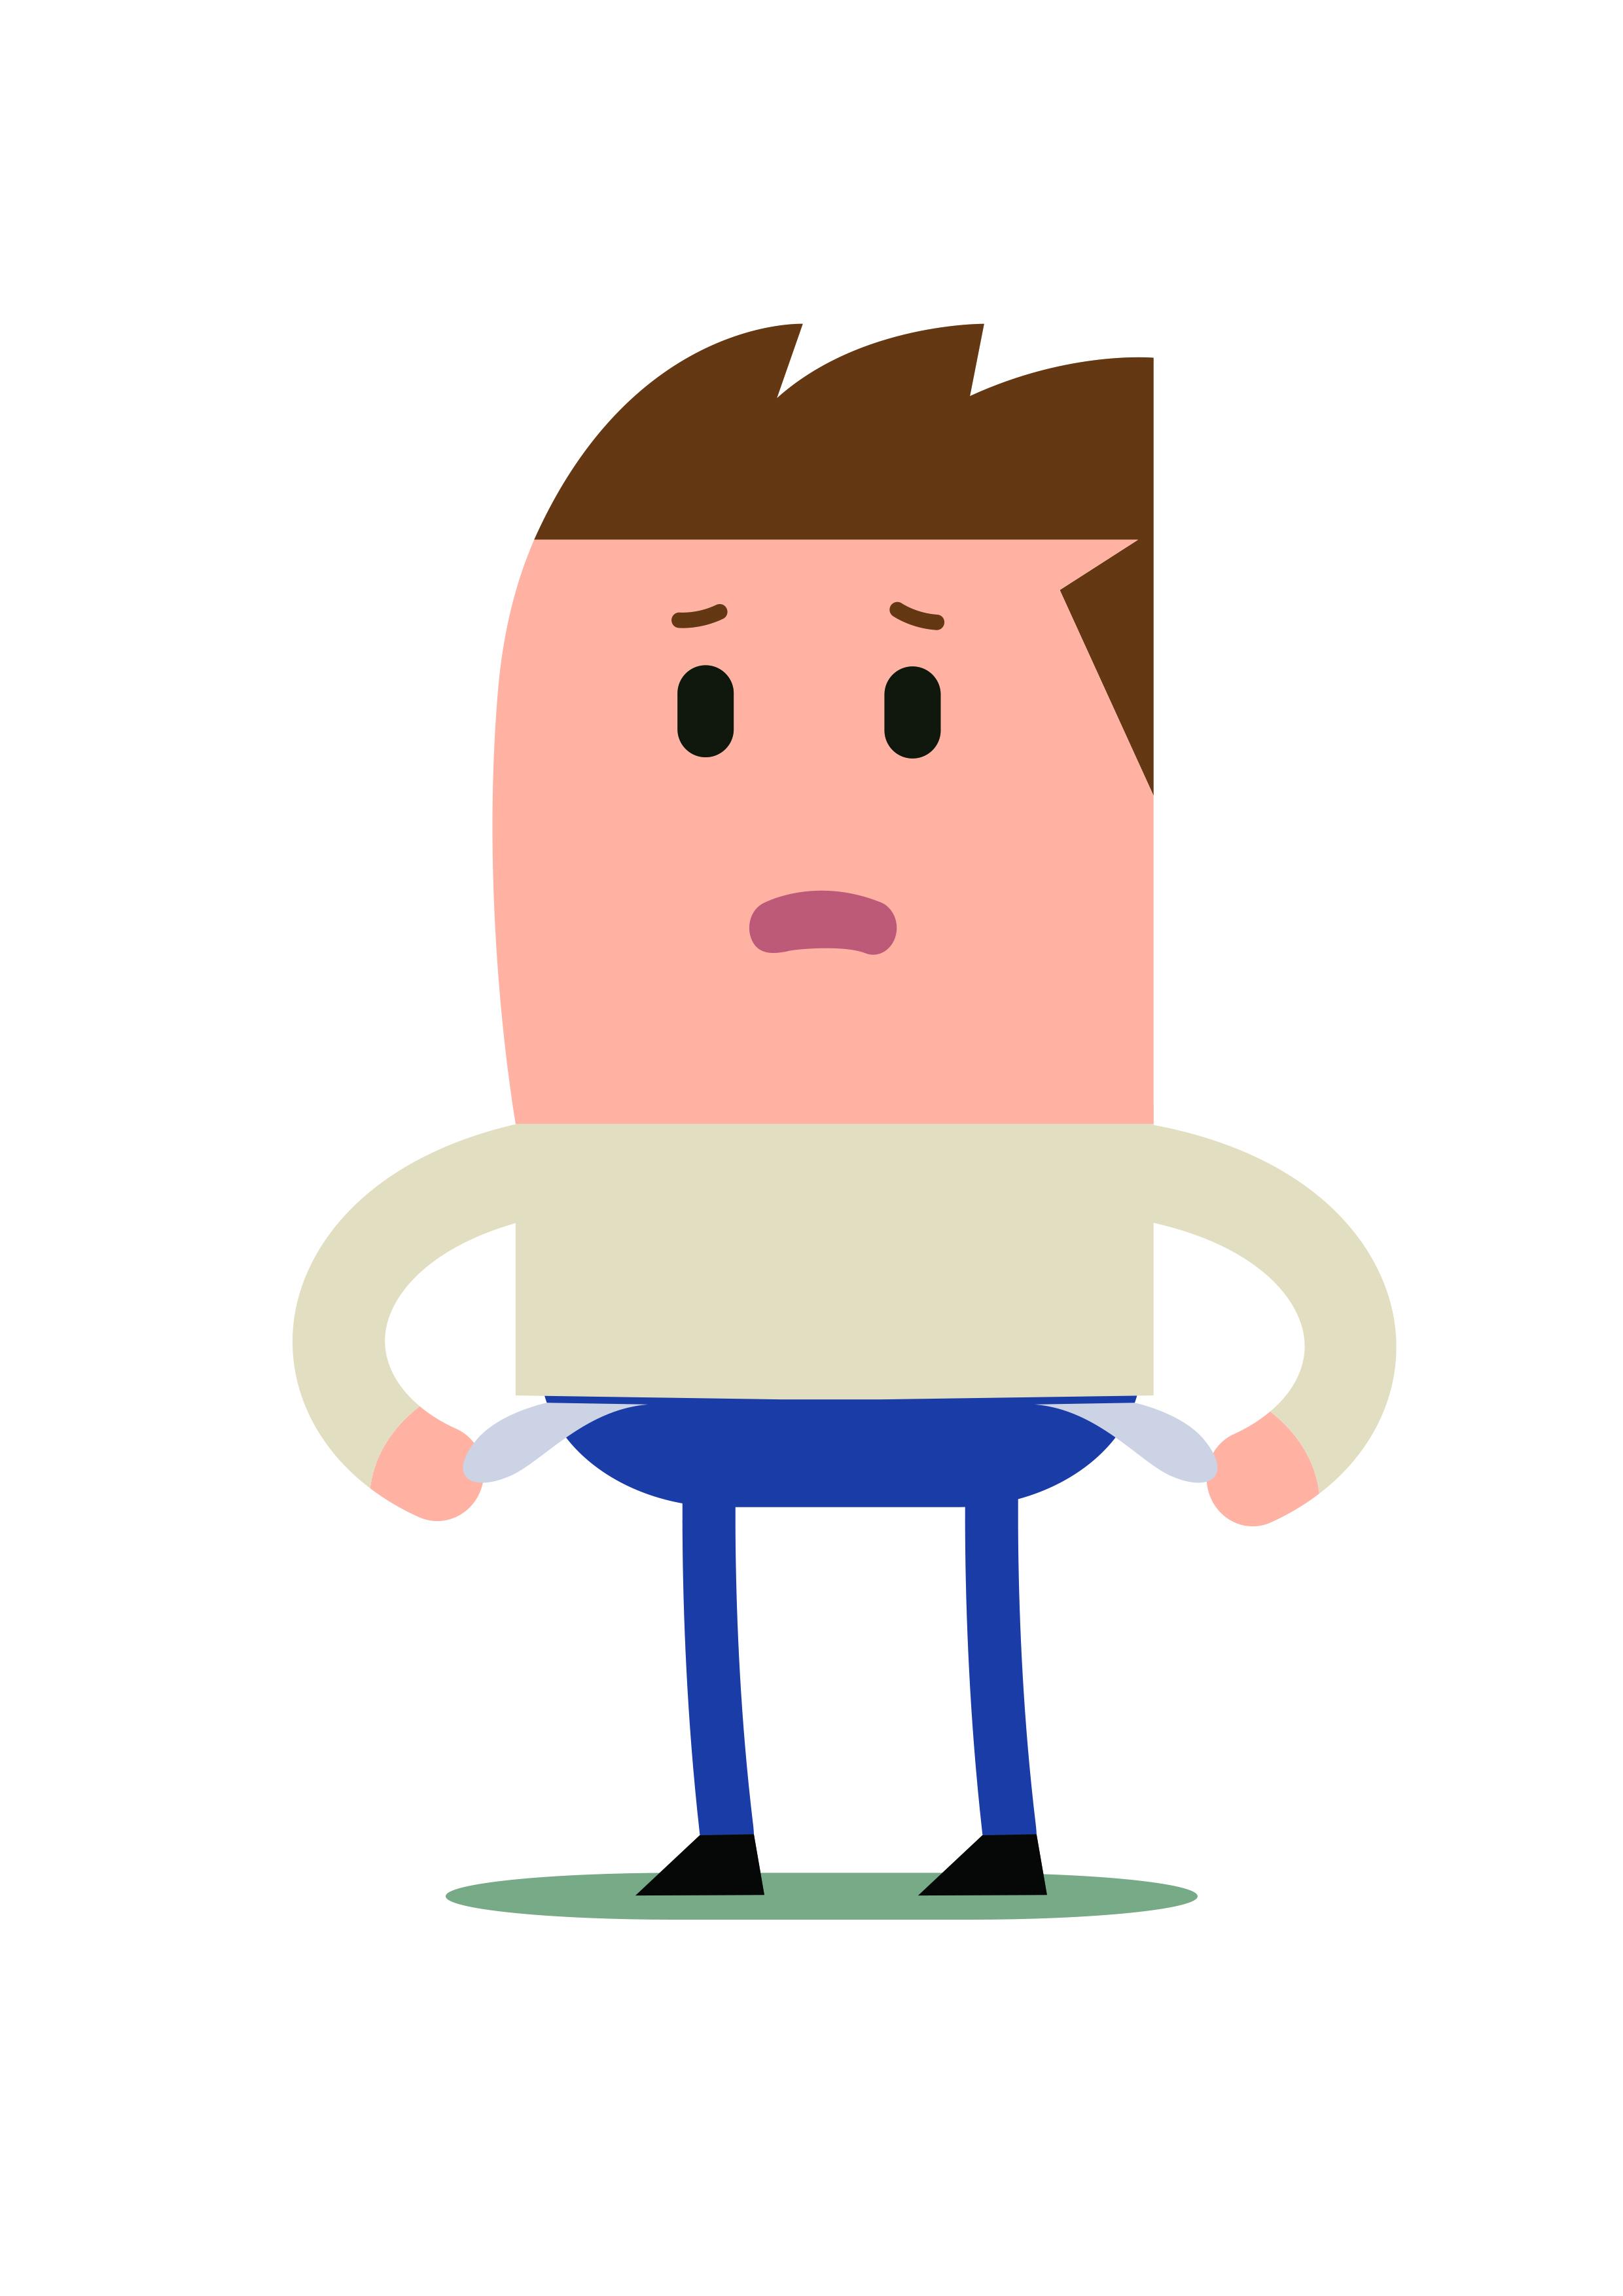 Illustratie van man met lege broekzakken